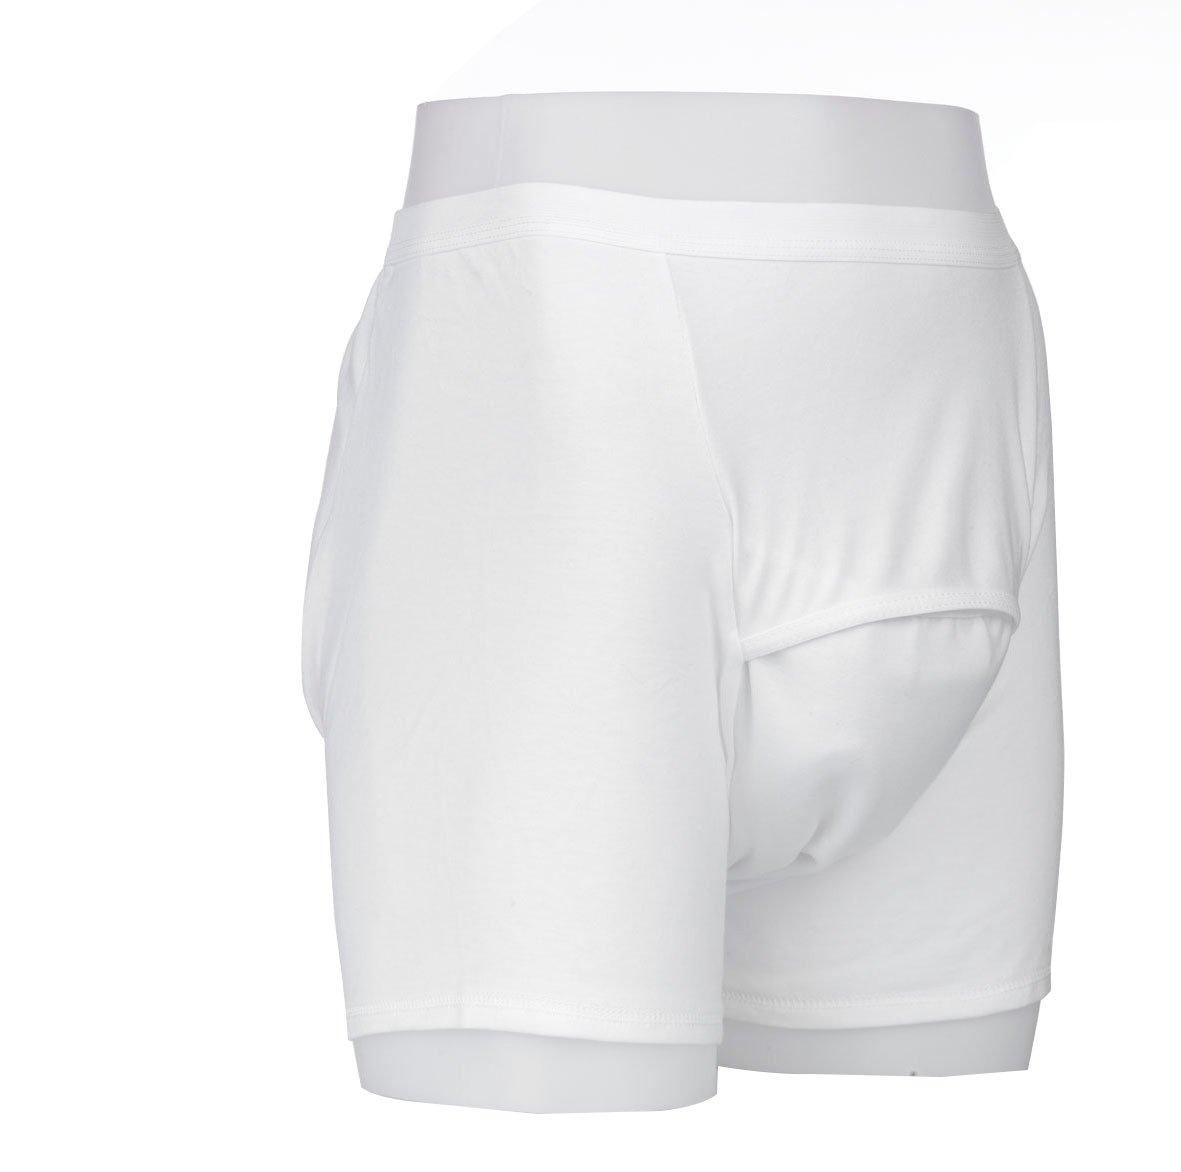 Kylie Boxer pantalones cortos ropa interior de incontinencia (lavables y absorbentes, color blanco, tamaño mediano: Amazon.es: Salud y cuidado personal